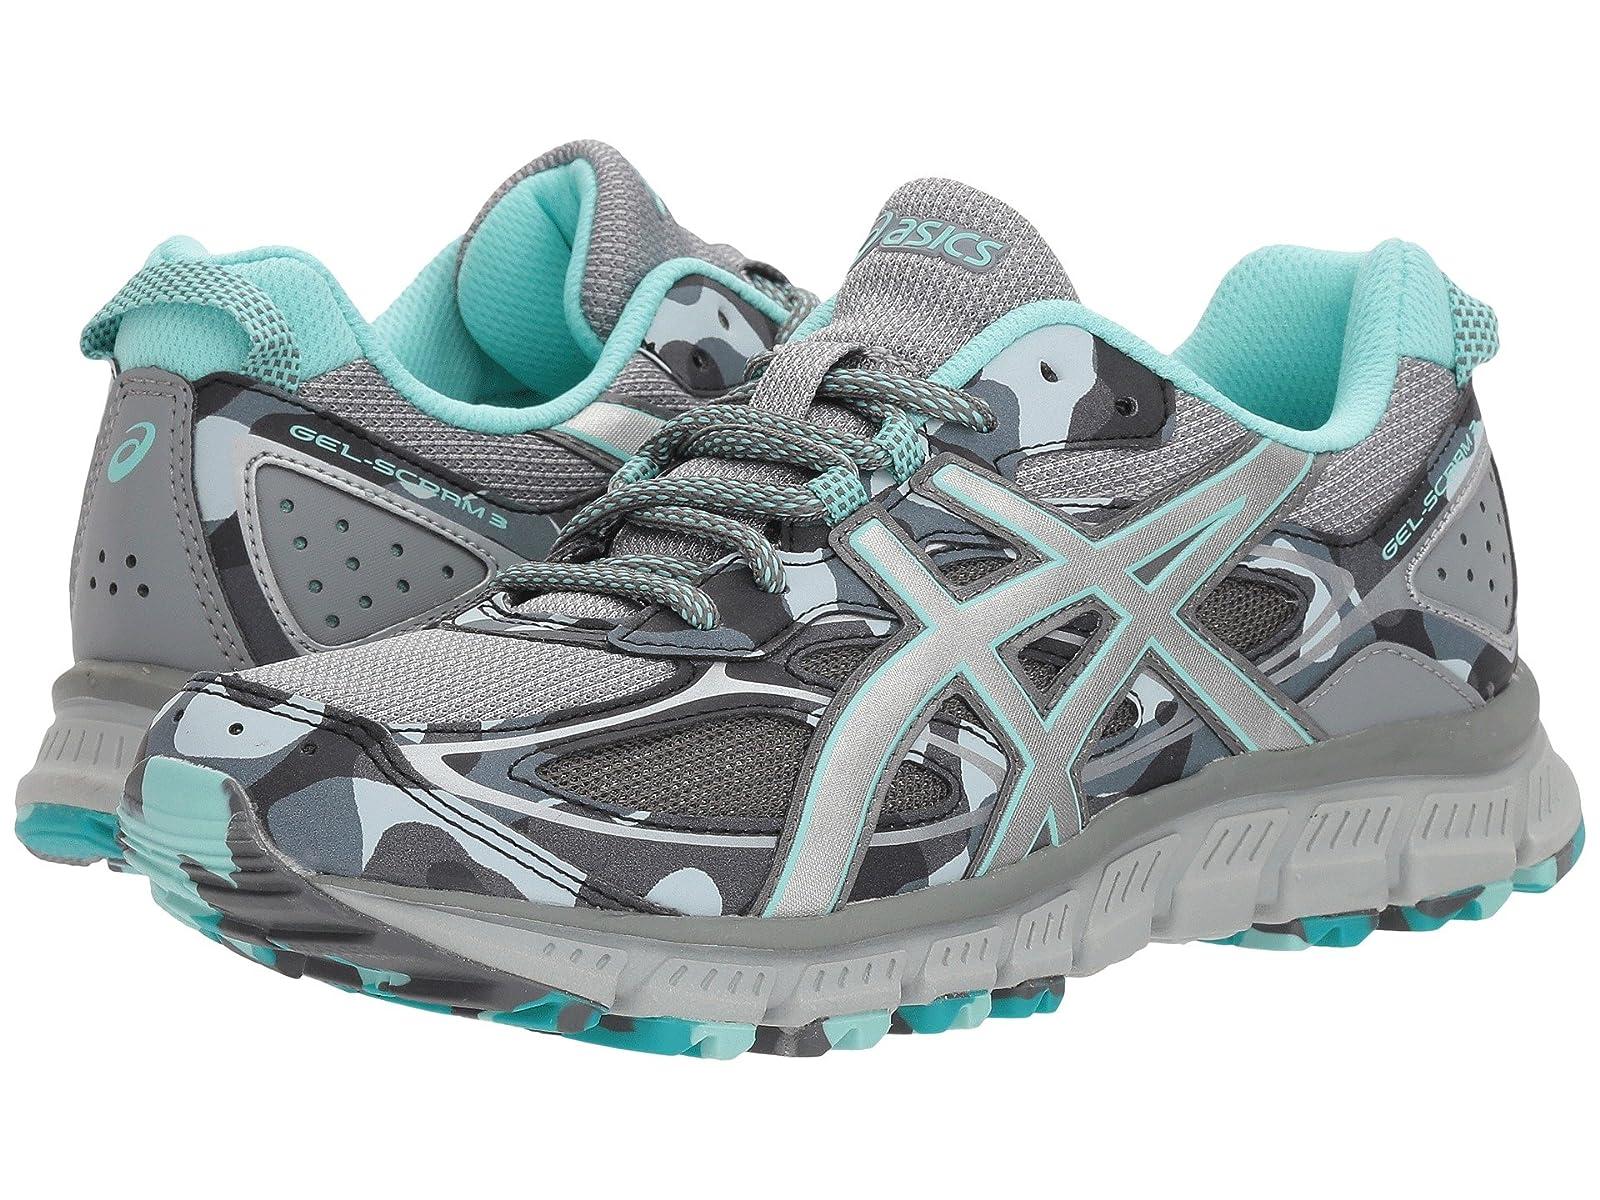 ASICS Gel-Scram® 3Atmospheric grades have affordable shoes